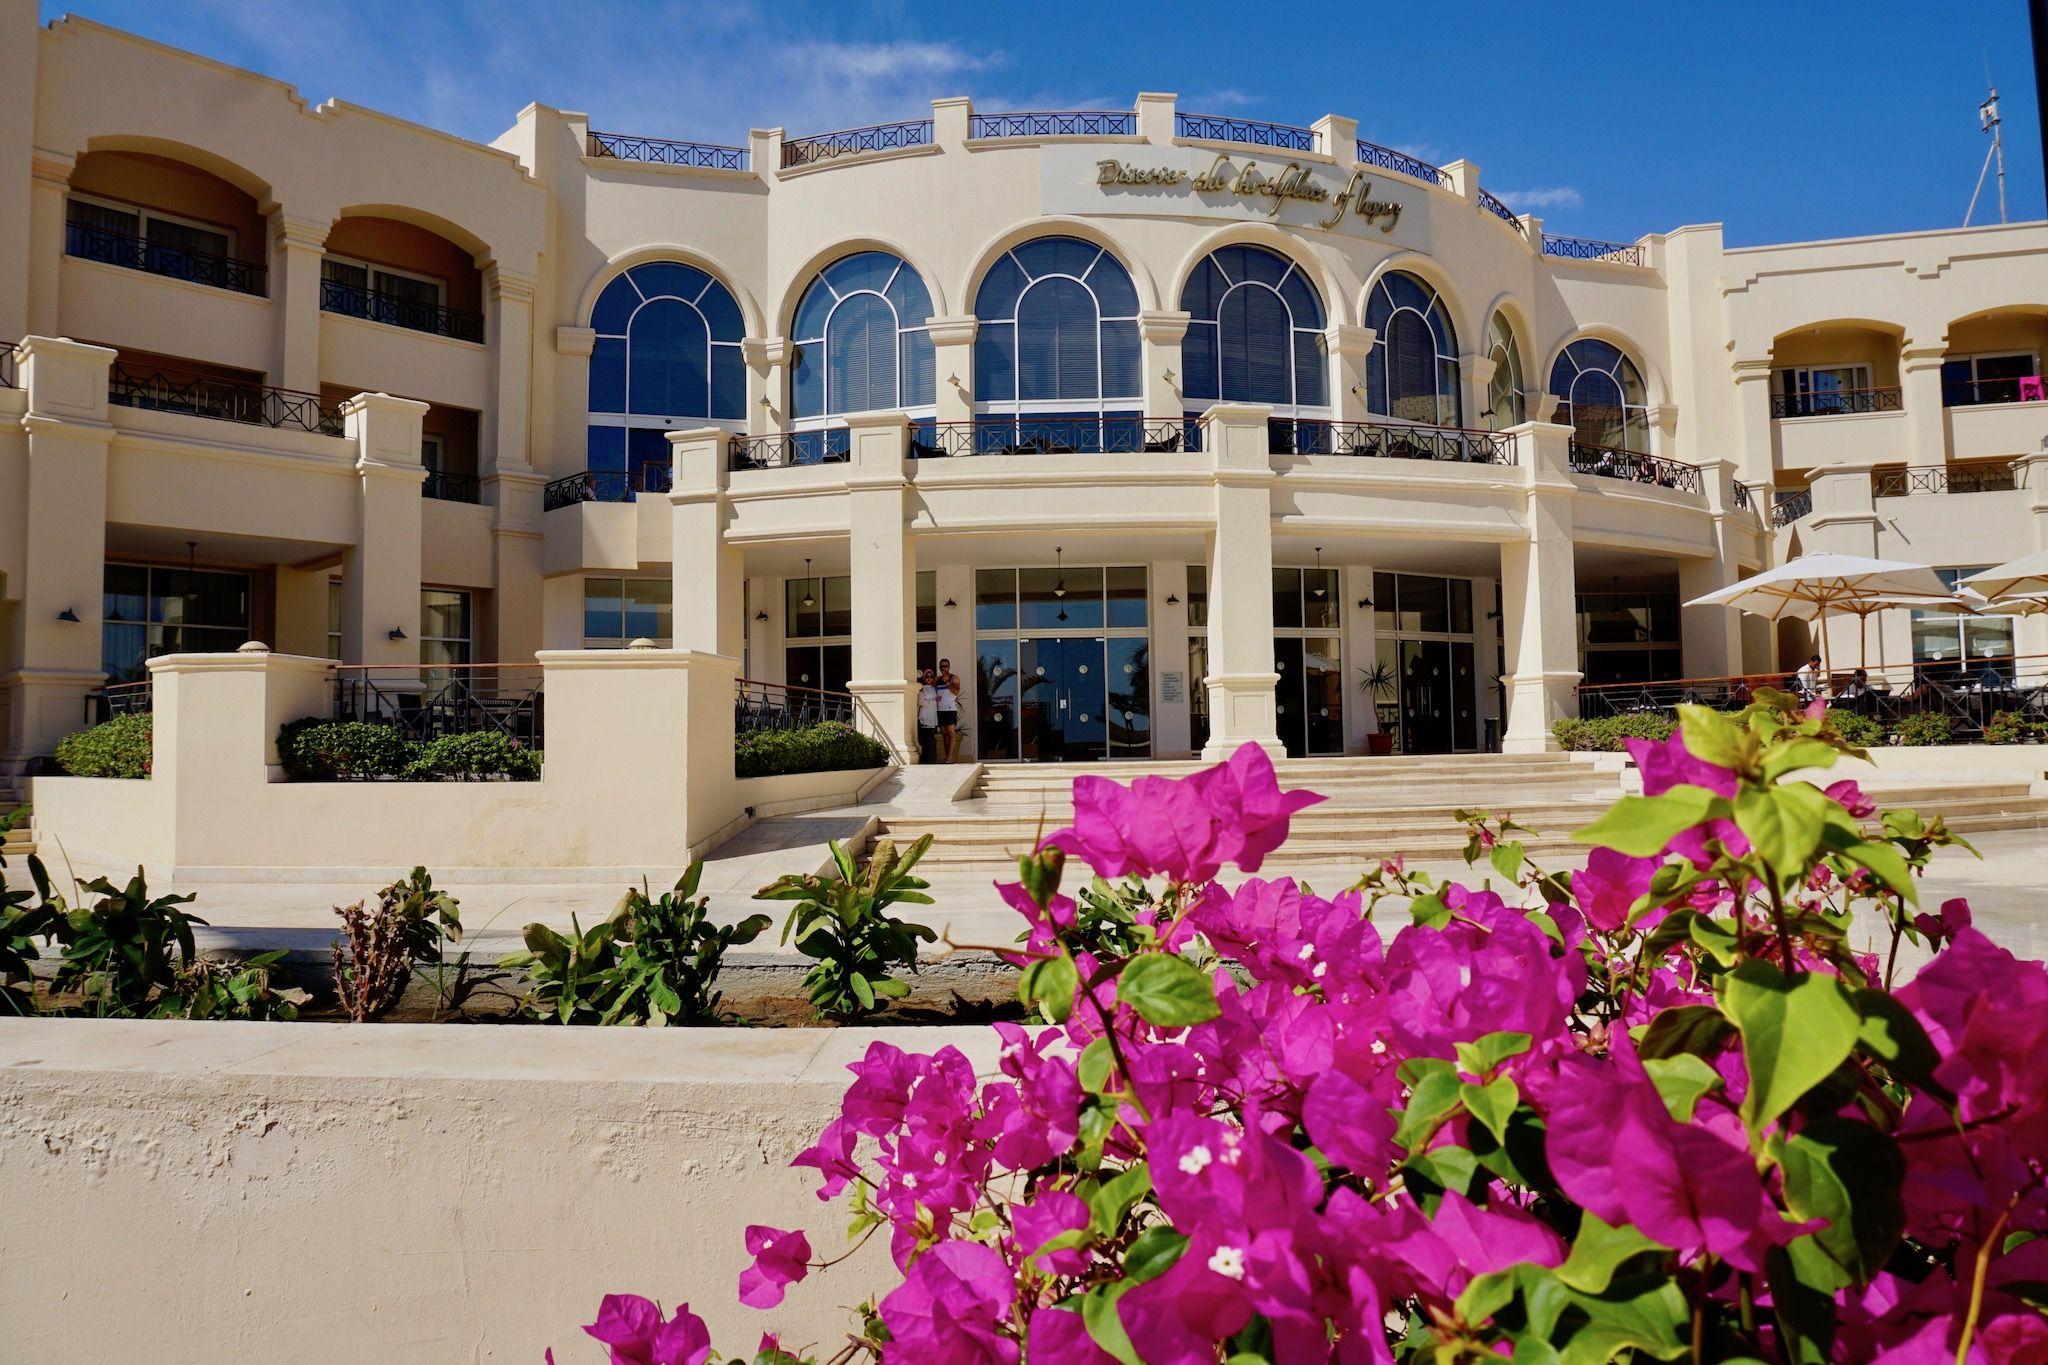 Das Cleopatra Luxury Resort ist eines der besten Hotels auf dem Sinai. Foto: Sascha Tegtmeyer